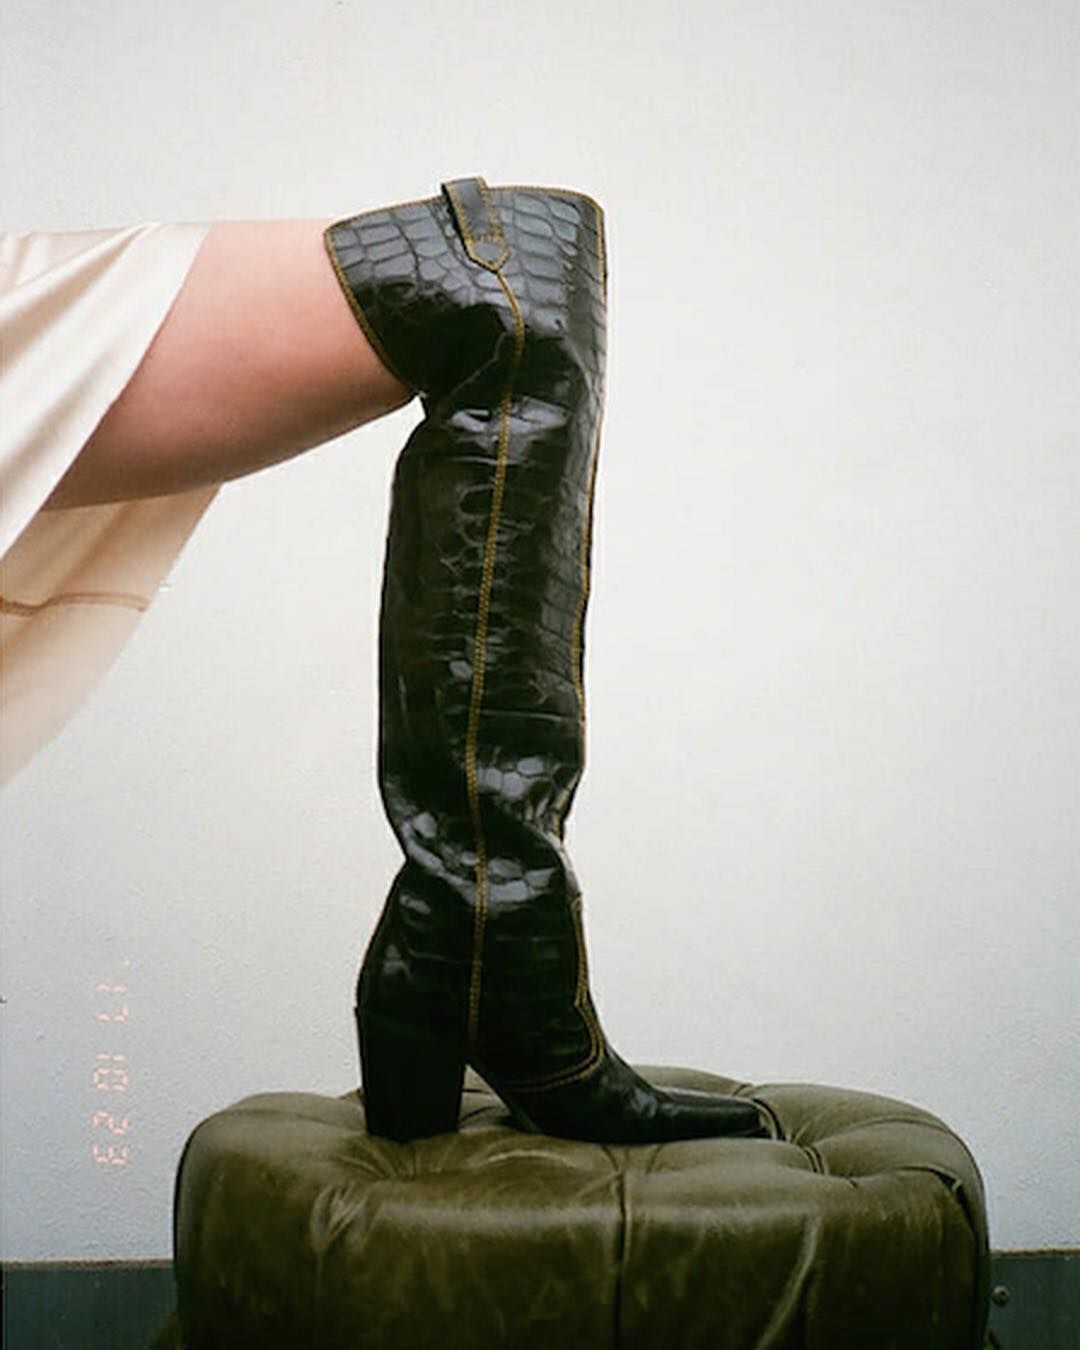 """4,102 Likes, 45 Comments - GANNI (@ganni) on Instagram: """"@stella_vonsenger in Nadine boots featured by @manrepeller #ganni #gannigirls - shop link in bio"""""""